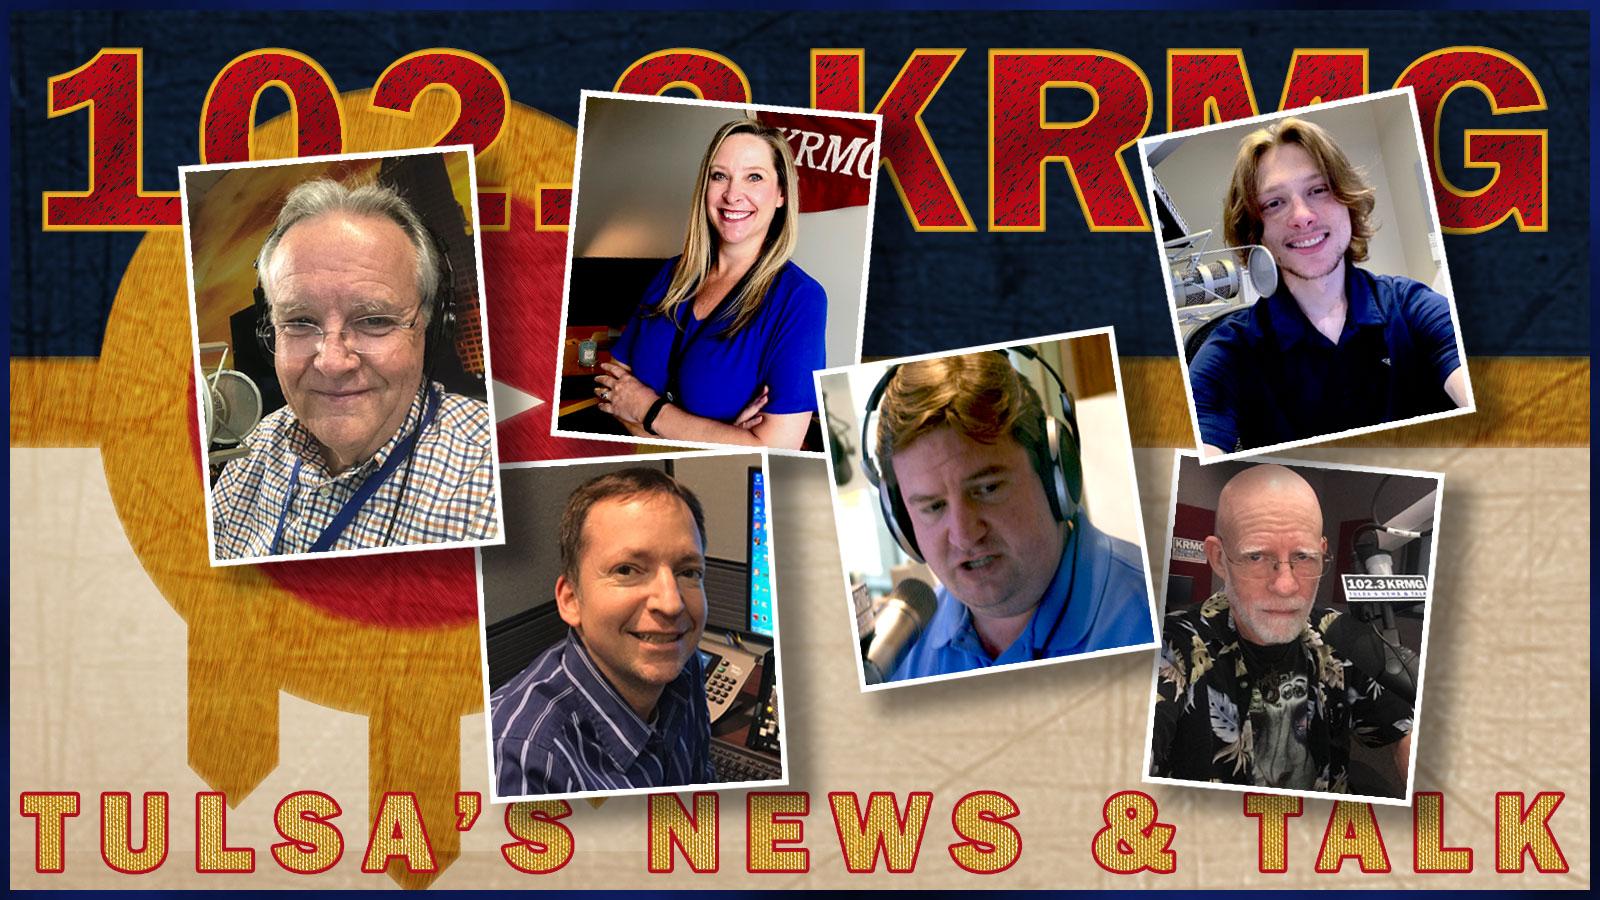 KRMG Evening News with Dick Loftin